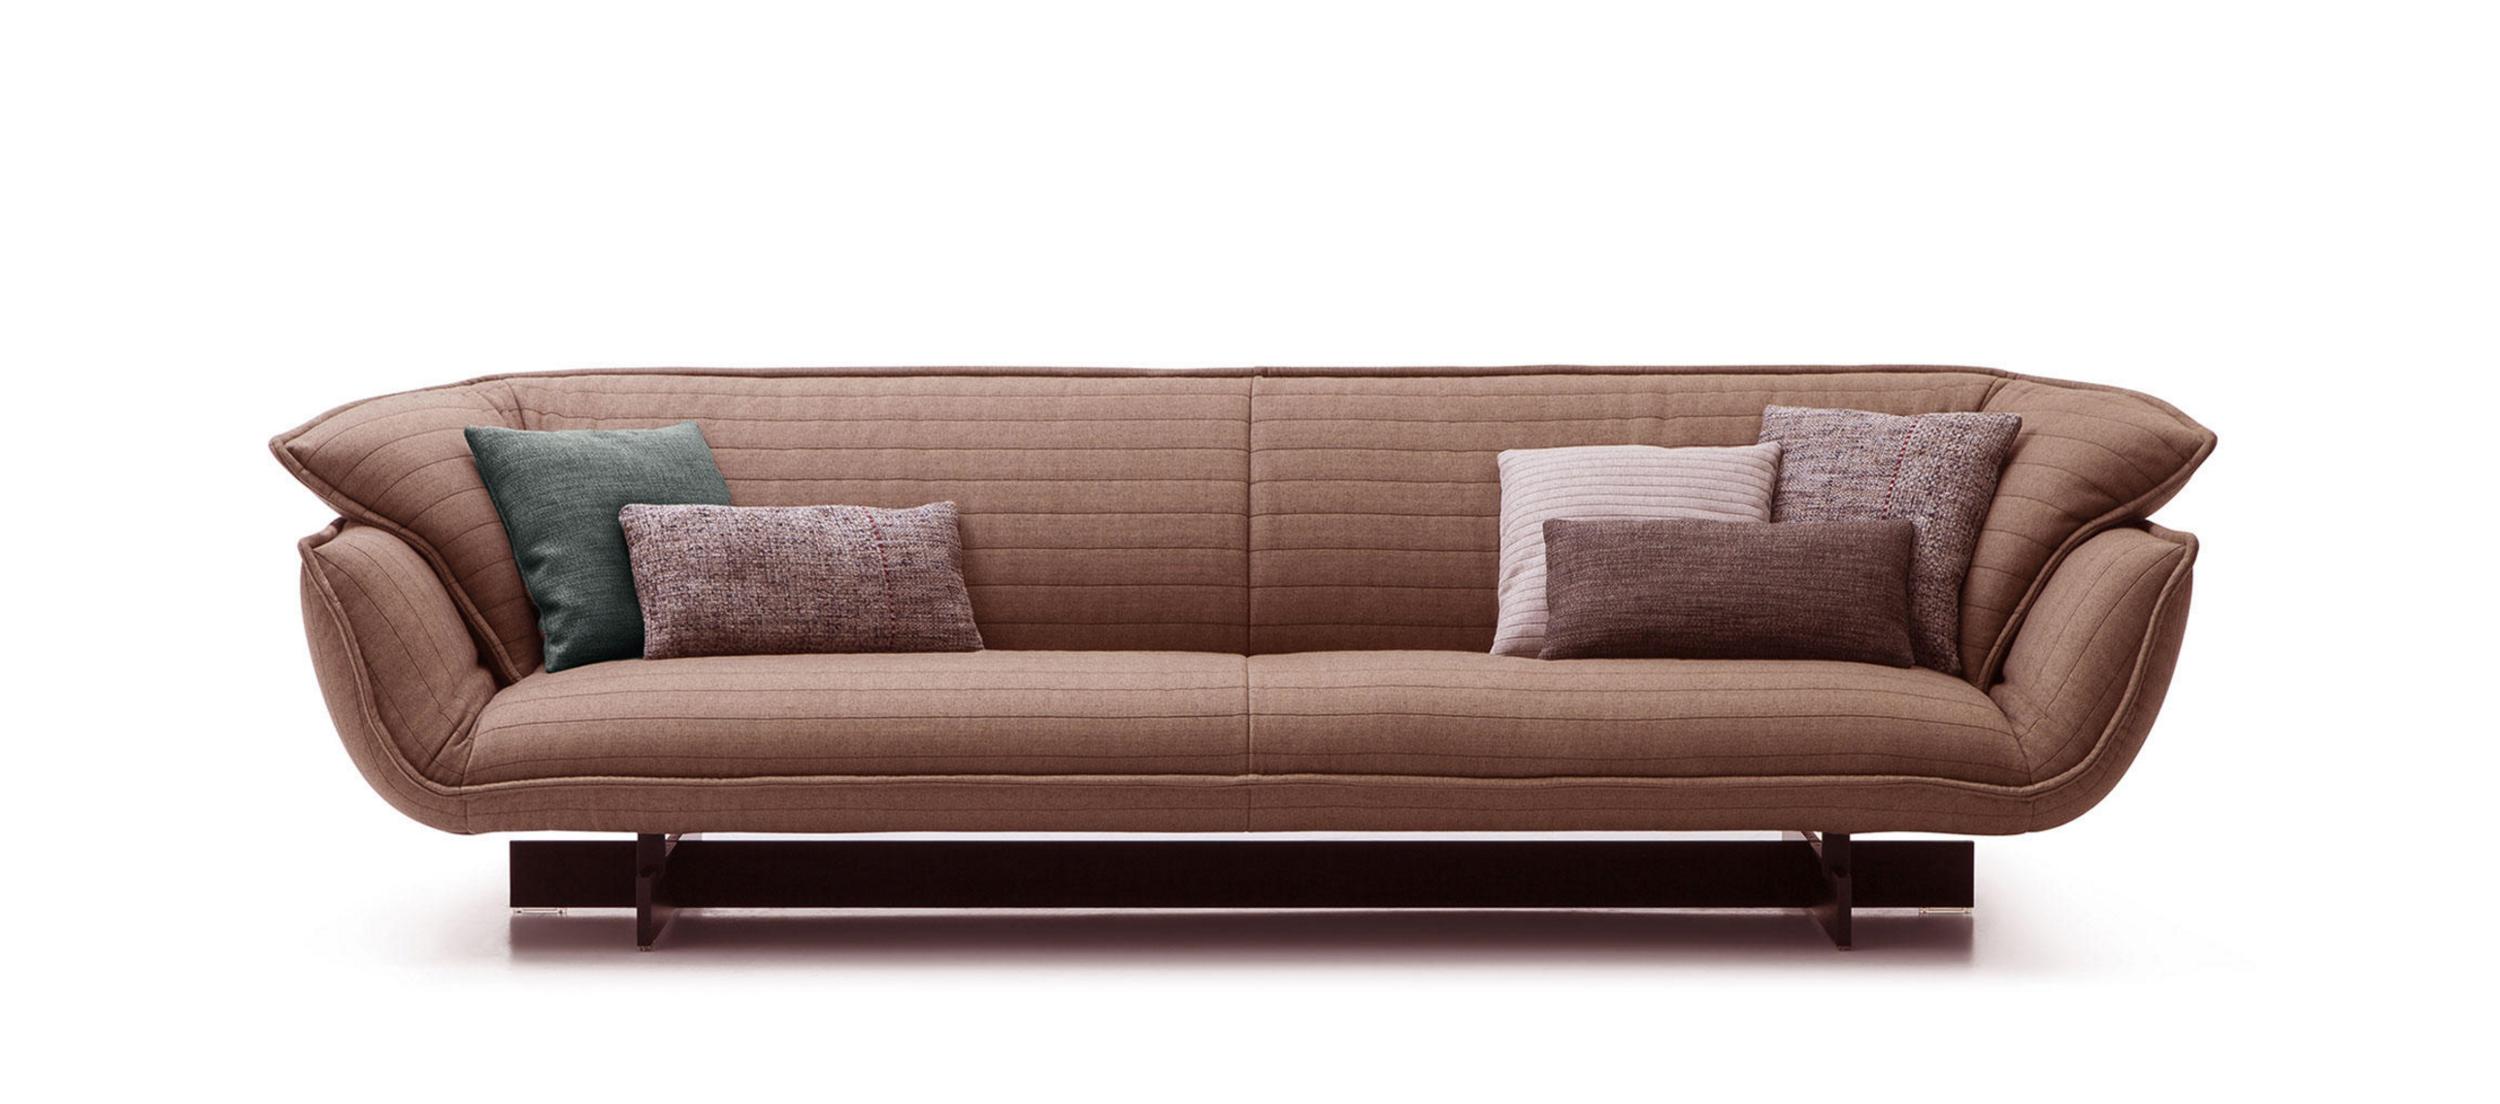 Cassina Beam zetel sofa bij Loncin door patricia Urquiola in Leuven en zoutleeuw  design meubelwinkel interieur mechelen brussel bruxelles antwerpen gent liege maastricht hasselt sint-truiden wavre  4.png